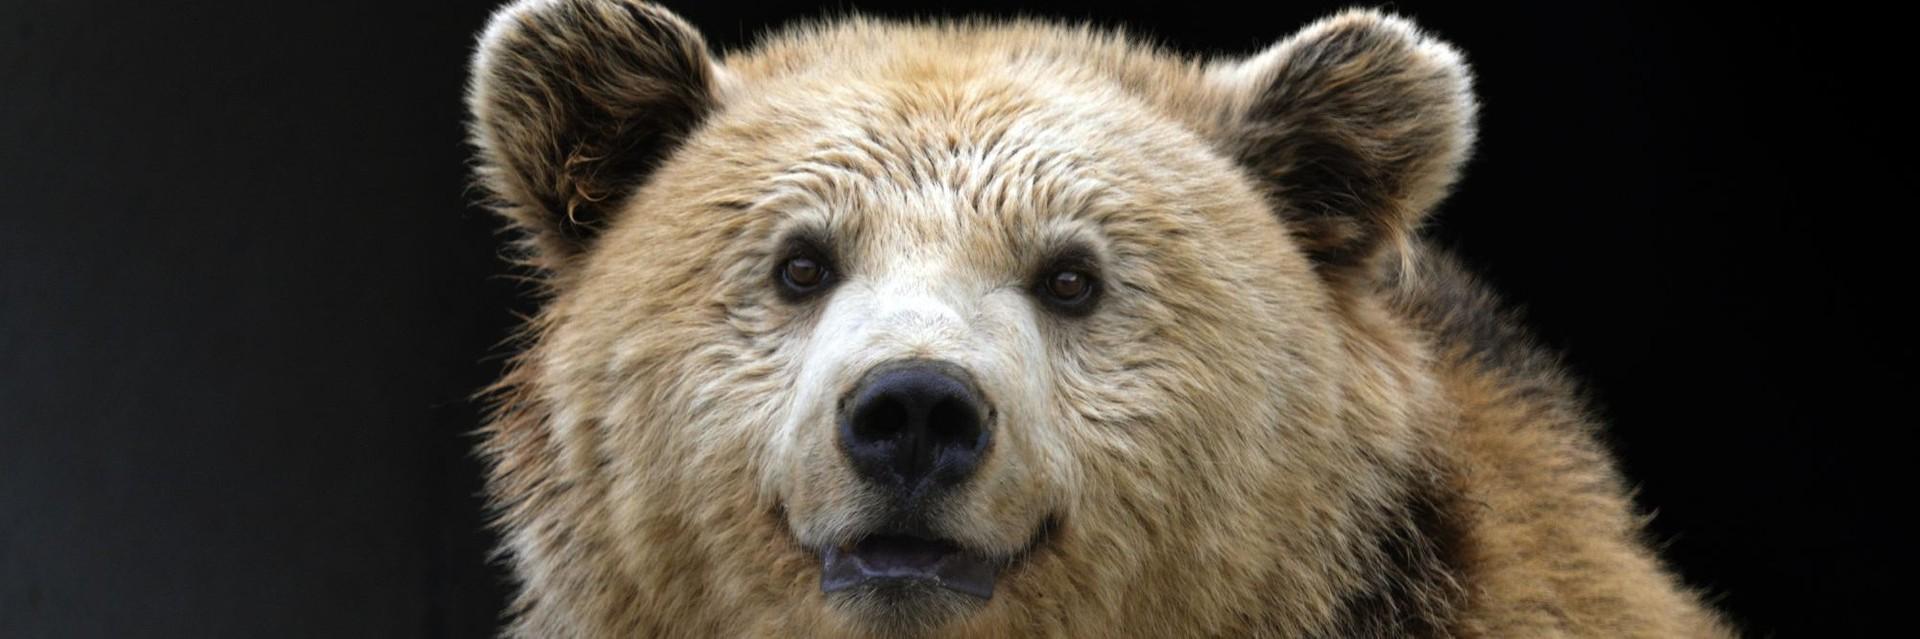 geretteter Bär